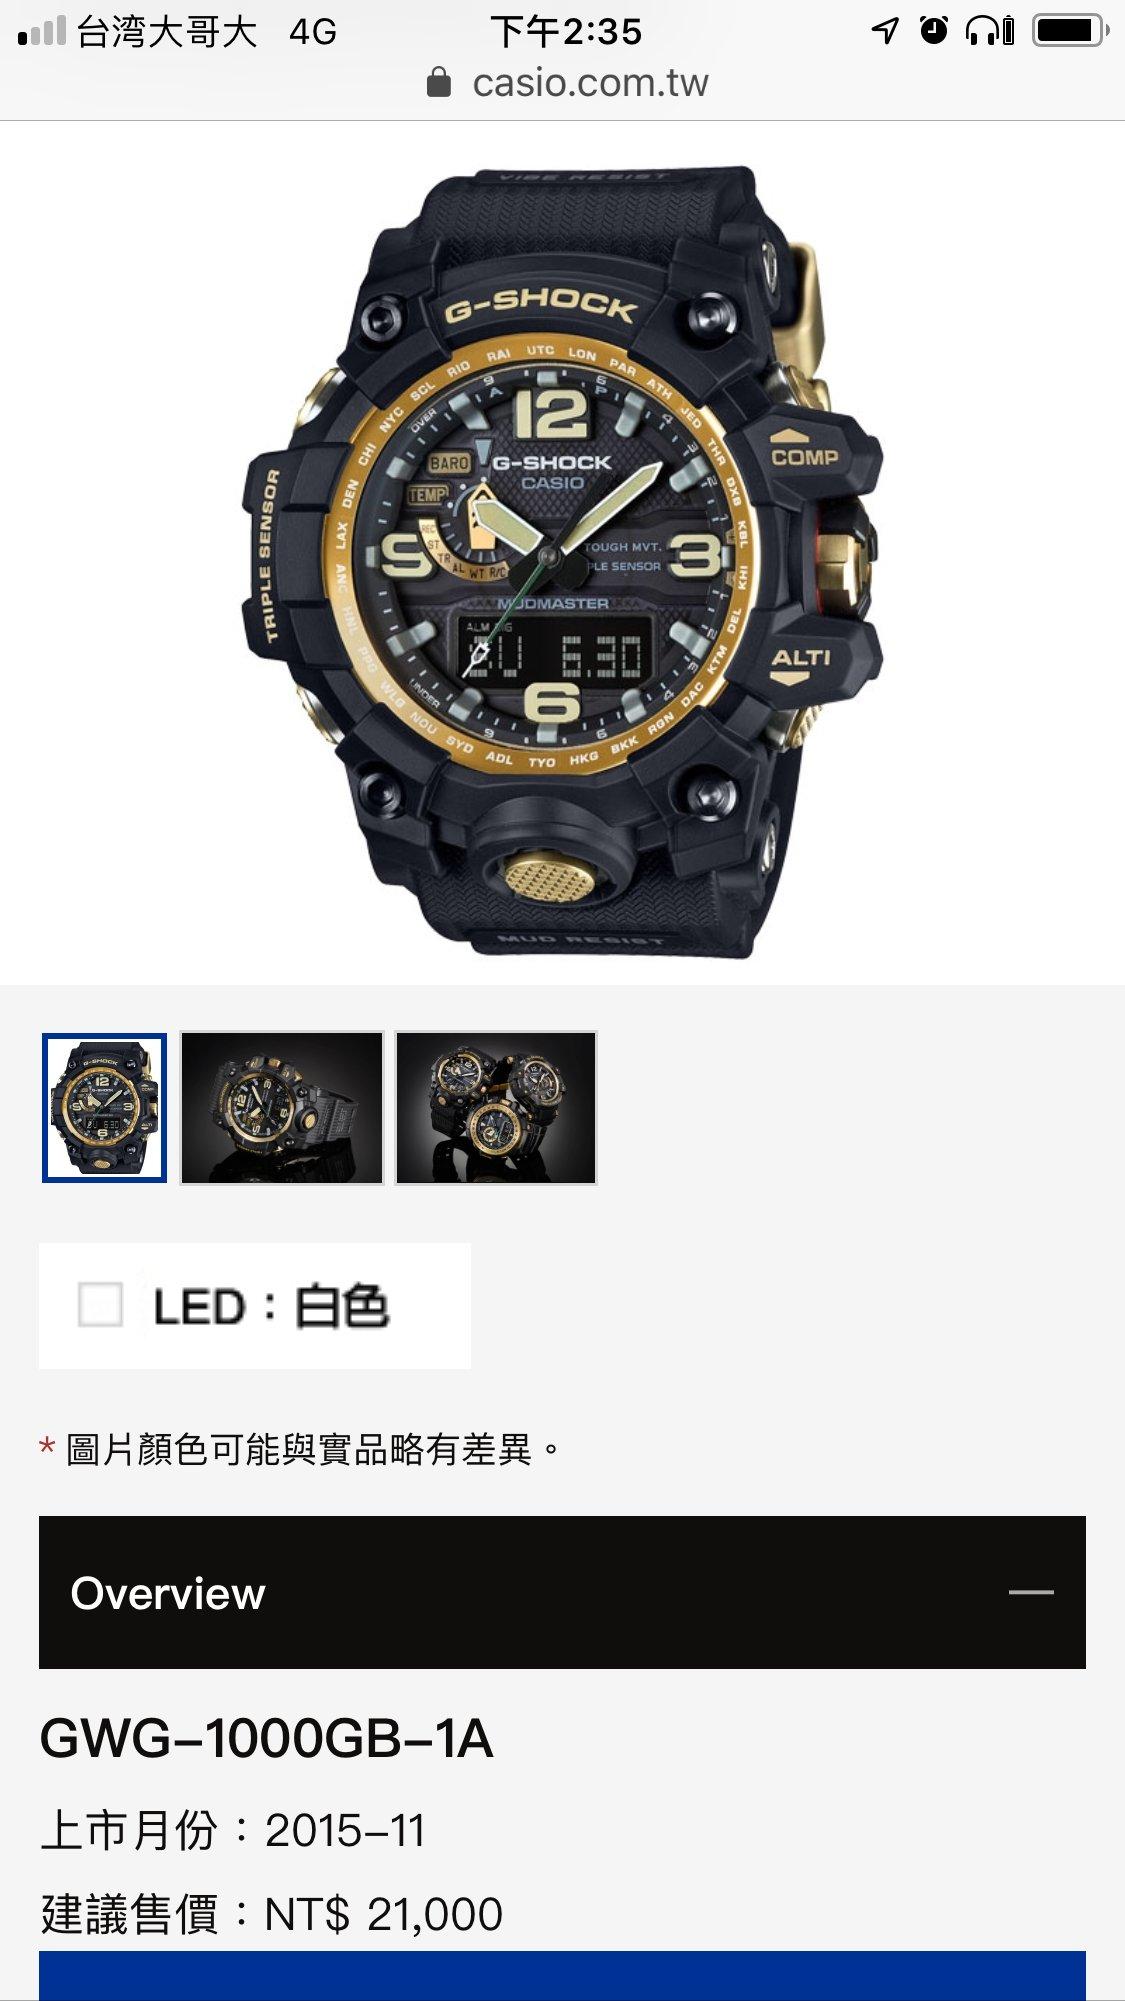 拍賣沒人賣 買到賺到 原價21000 Casio G Shock GWG-1000GB-1A 稀有釋出 可面交